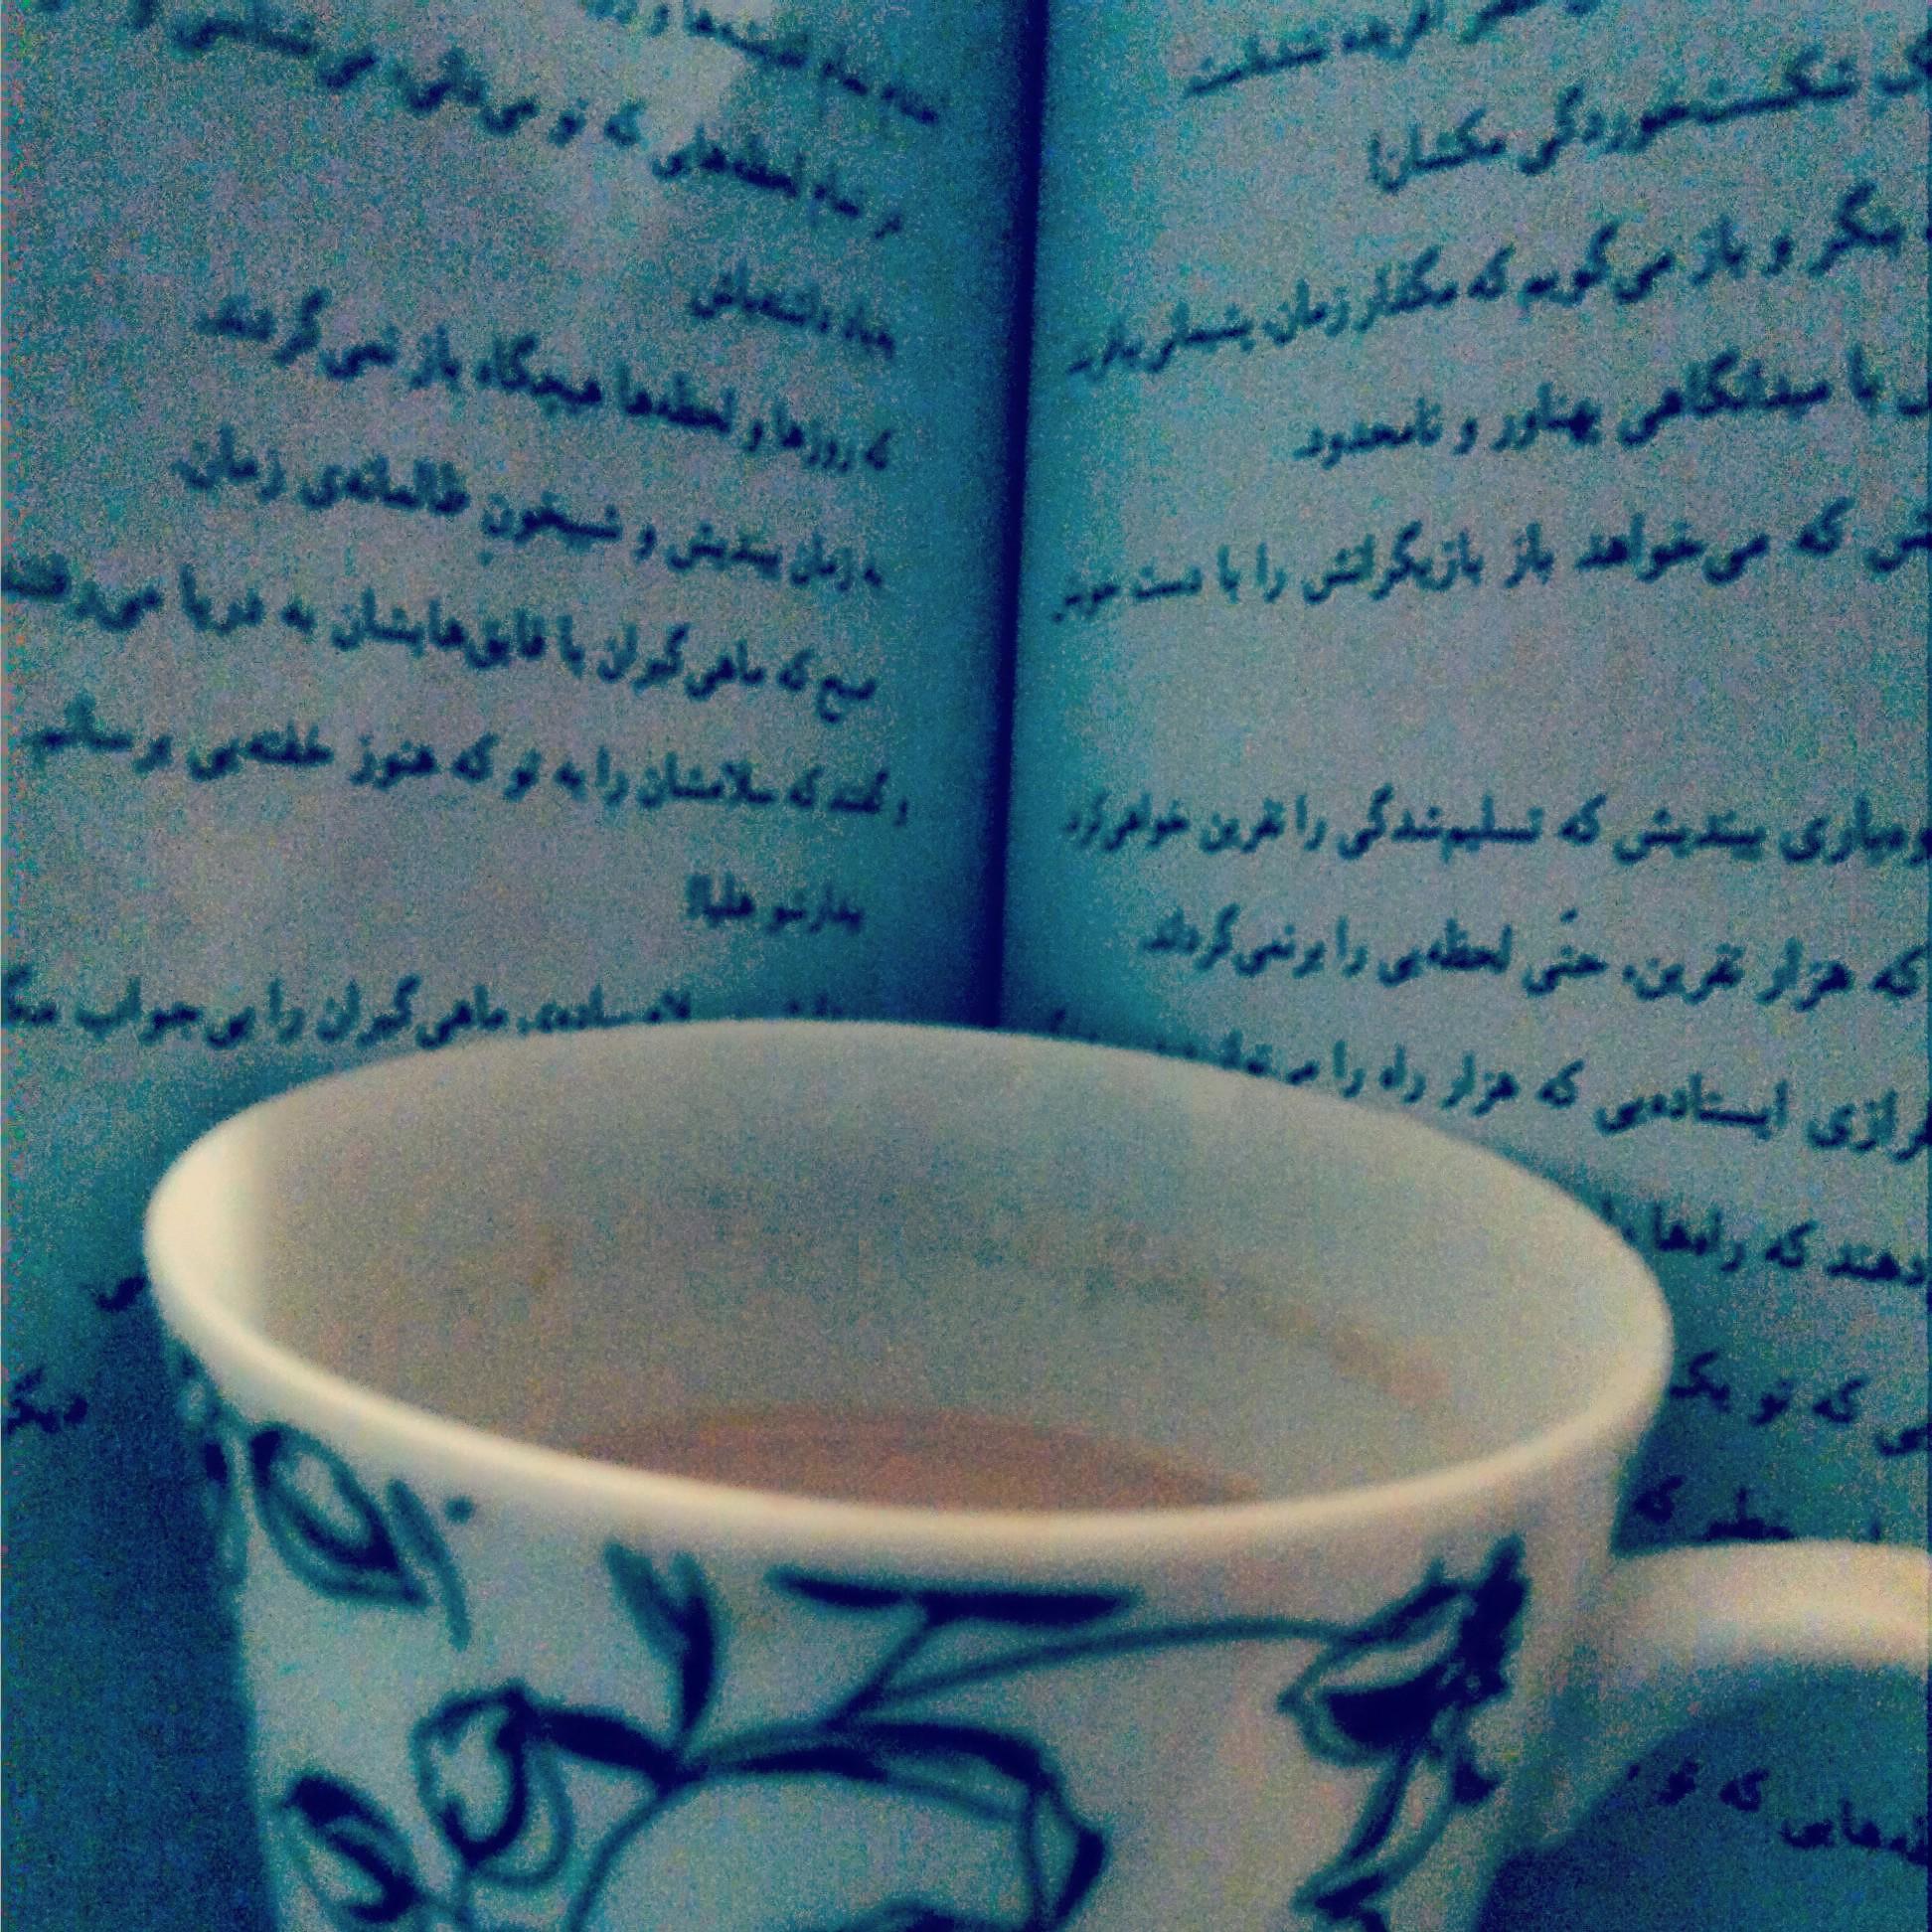 """صفحاتی از """"بار دیگر، شهری که دوست می داشتم"""" اثر """"نادر ابراهیمی"""" به همراهی یک لیوان موکا :)"""